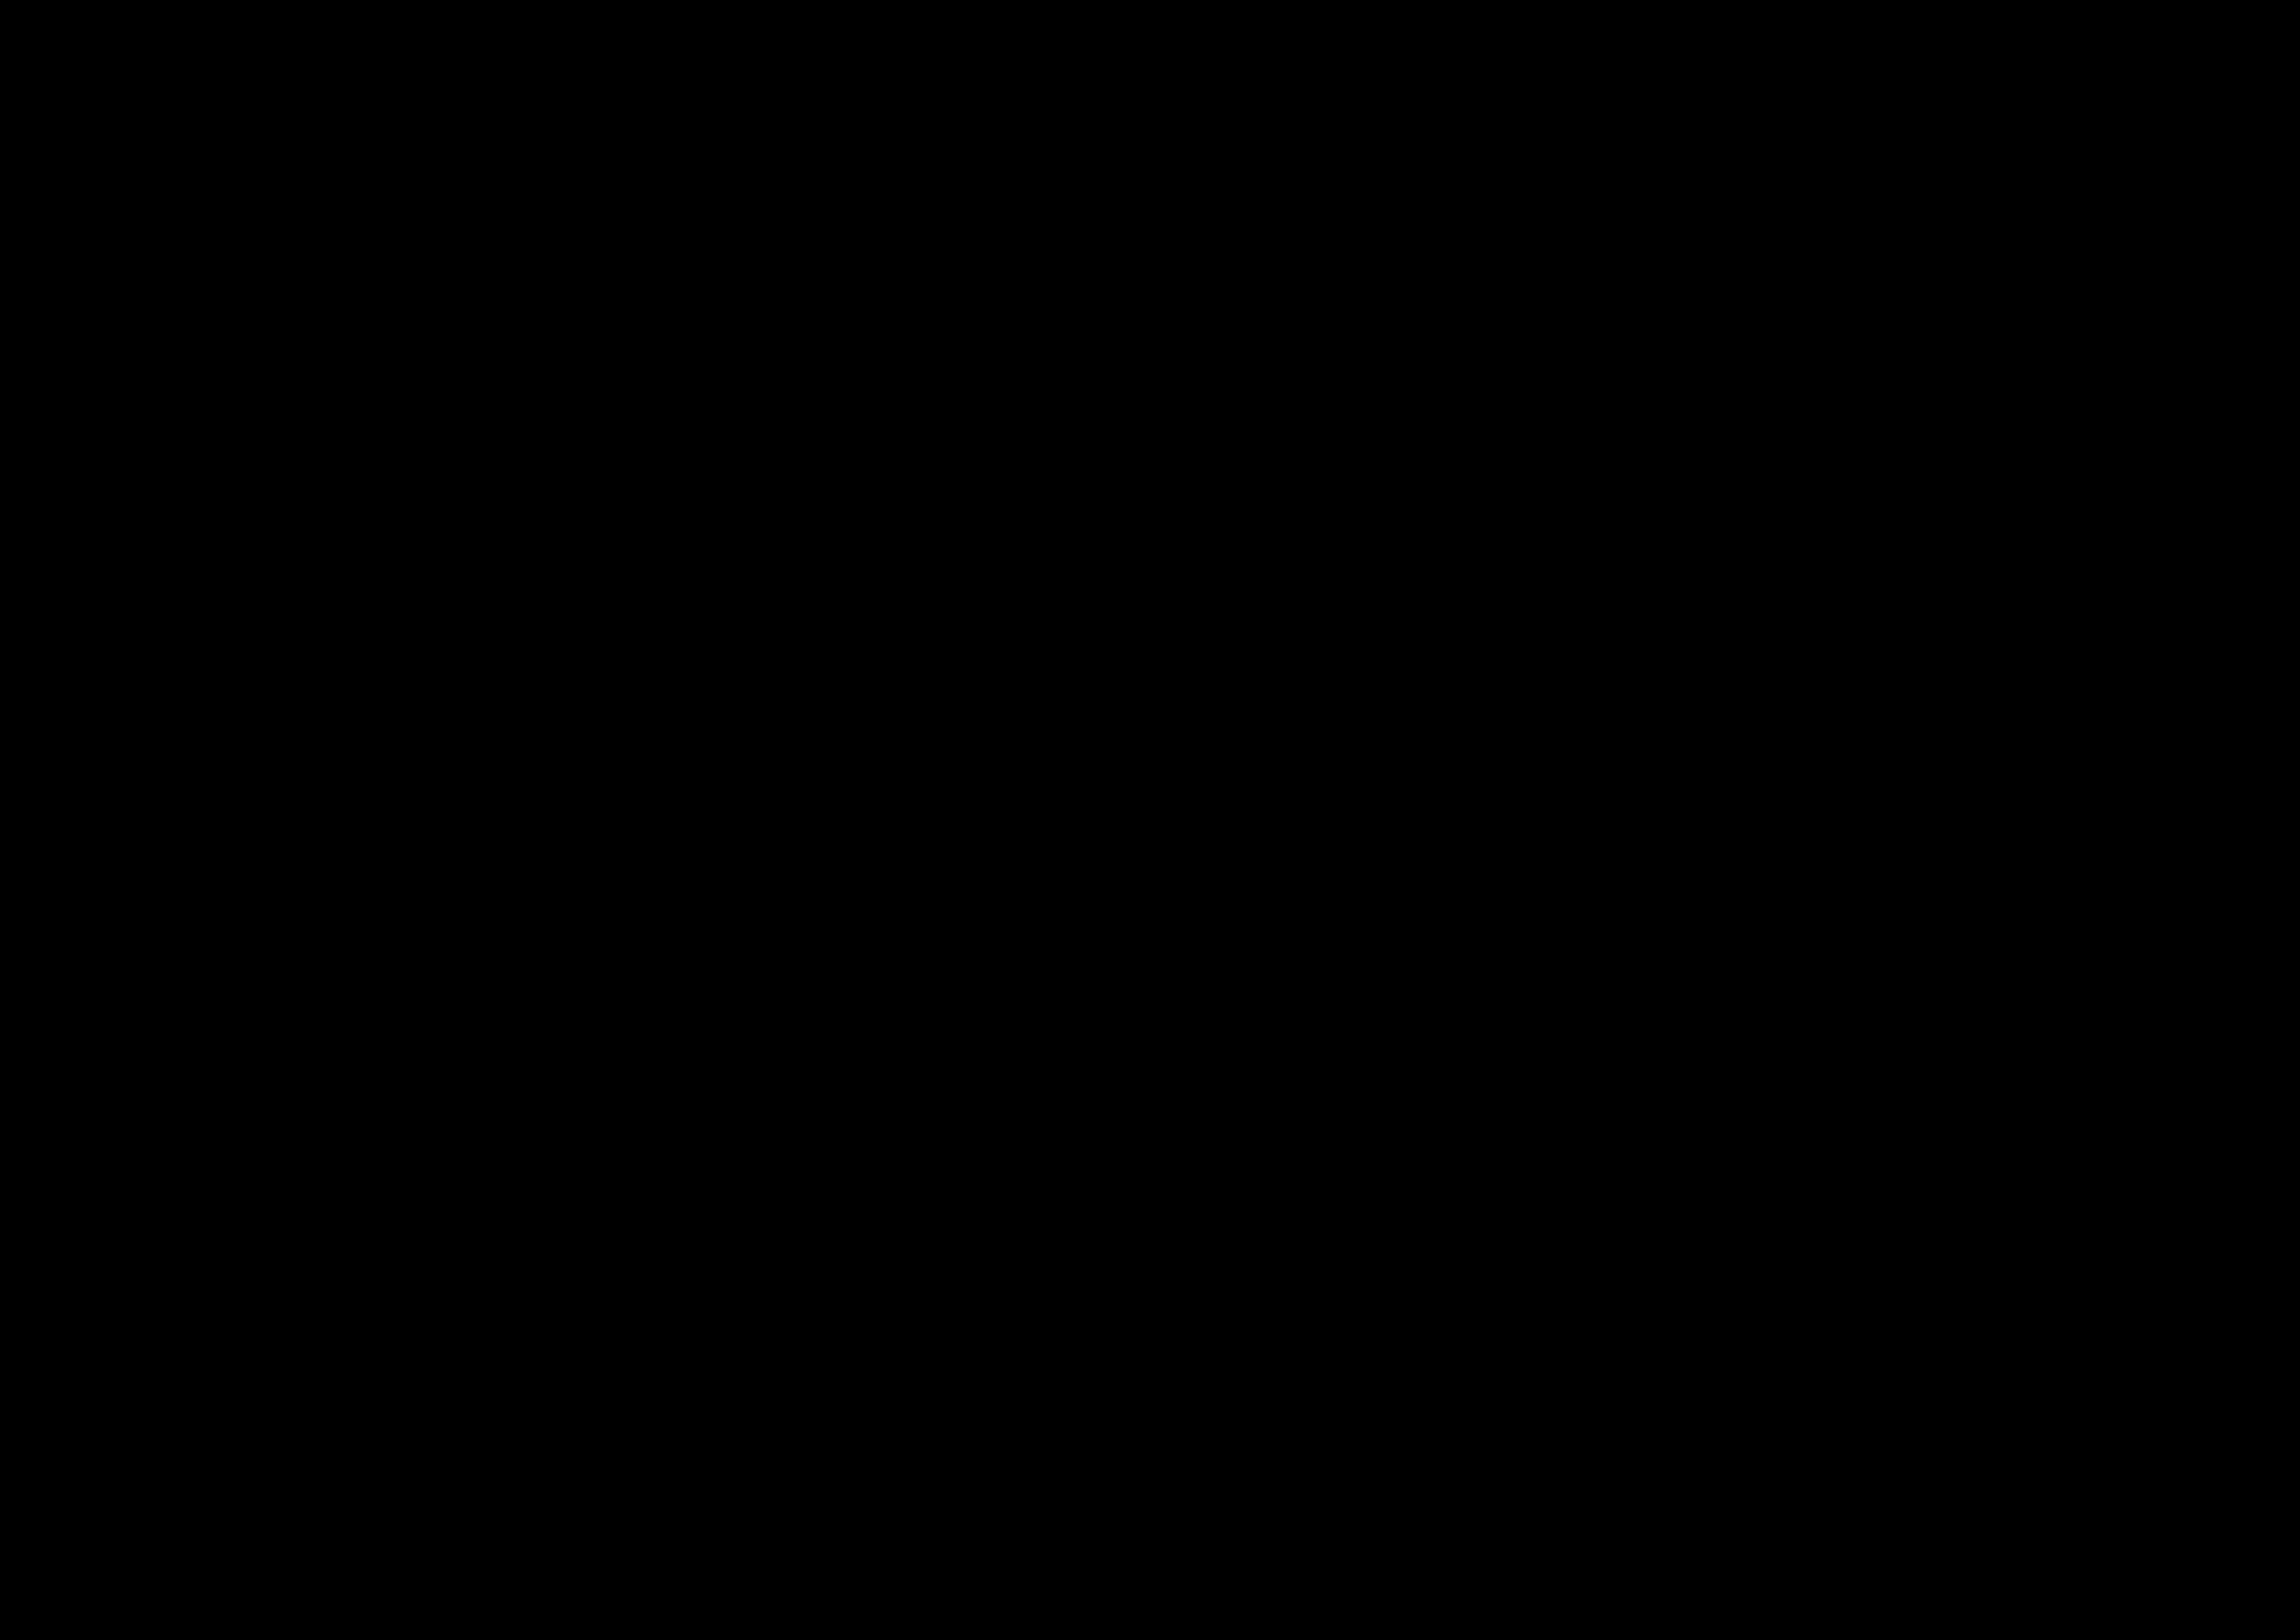 golden_house_logo_black-01.png